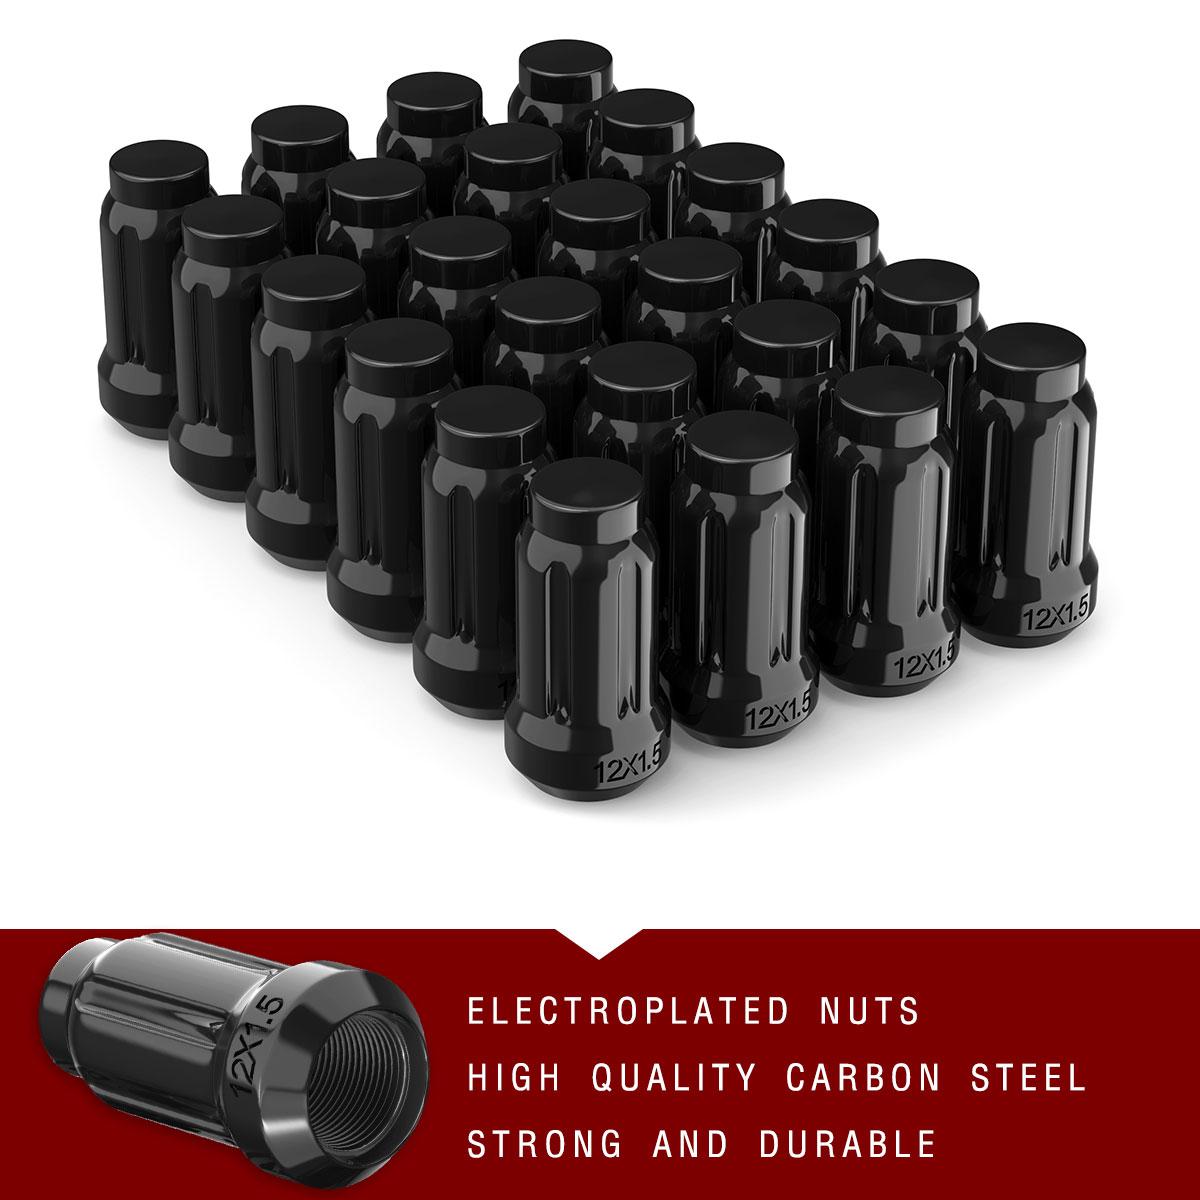 24 Black Spline Lug Nuts 12x1.5 + 2 Keys For Hyundai Honda